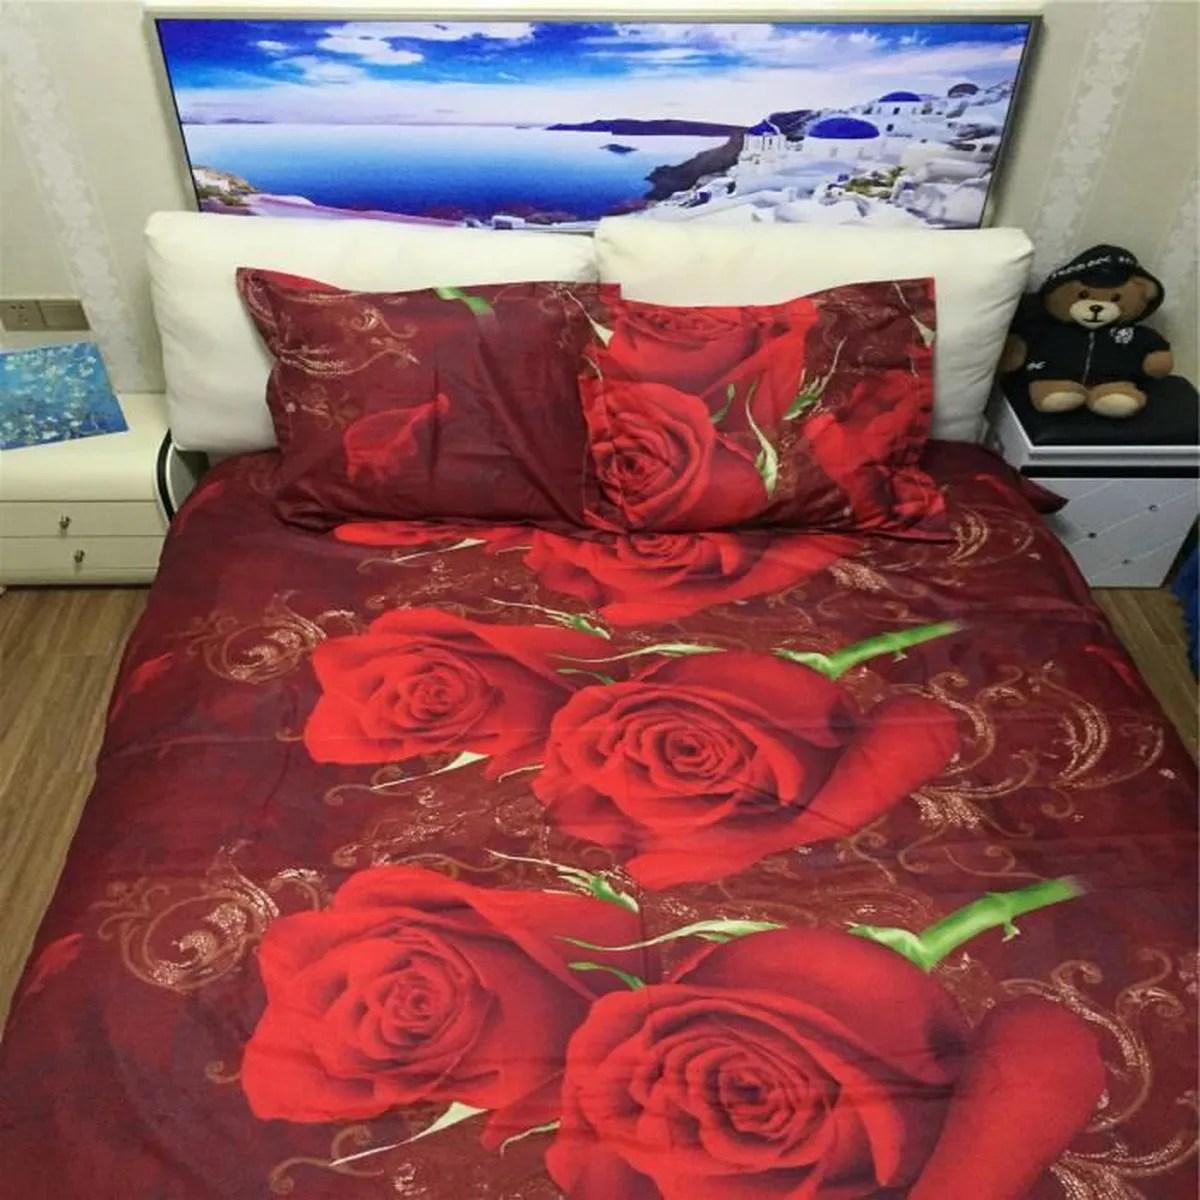 Housse De Couette Romantique Rose | Housse De Couette Romantique ...